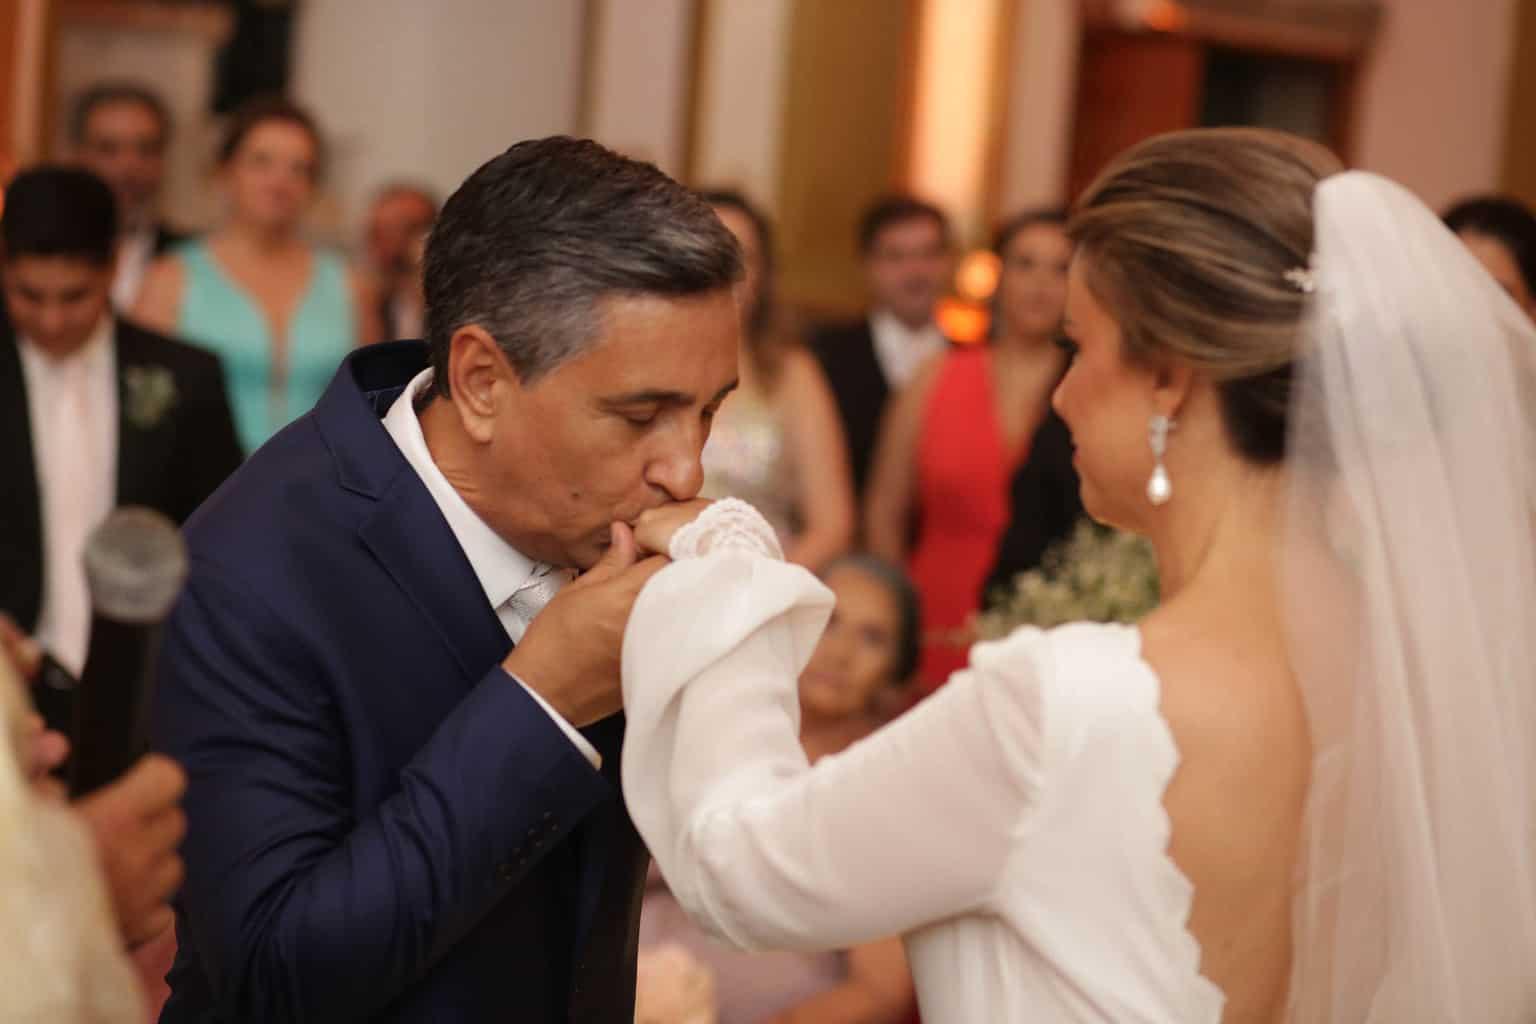 Casamento-Claudia-e-Afonso-Golden-Class-Regina-Aoki-Eurides-Aoki-Carol-Rezek-Renata-Velloso-17